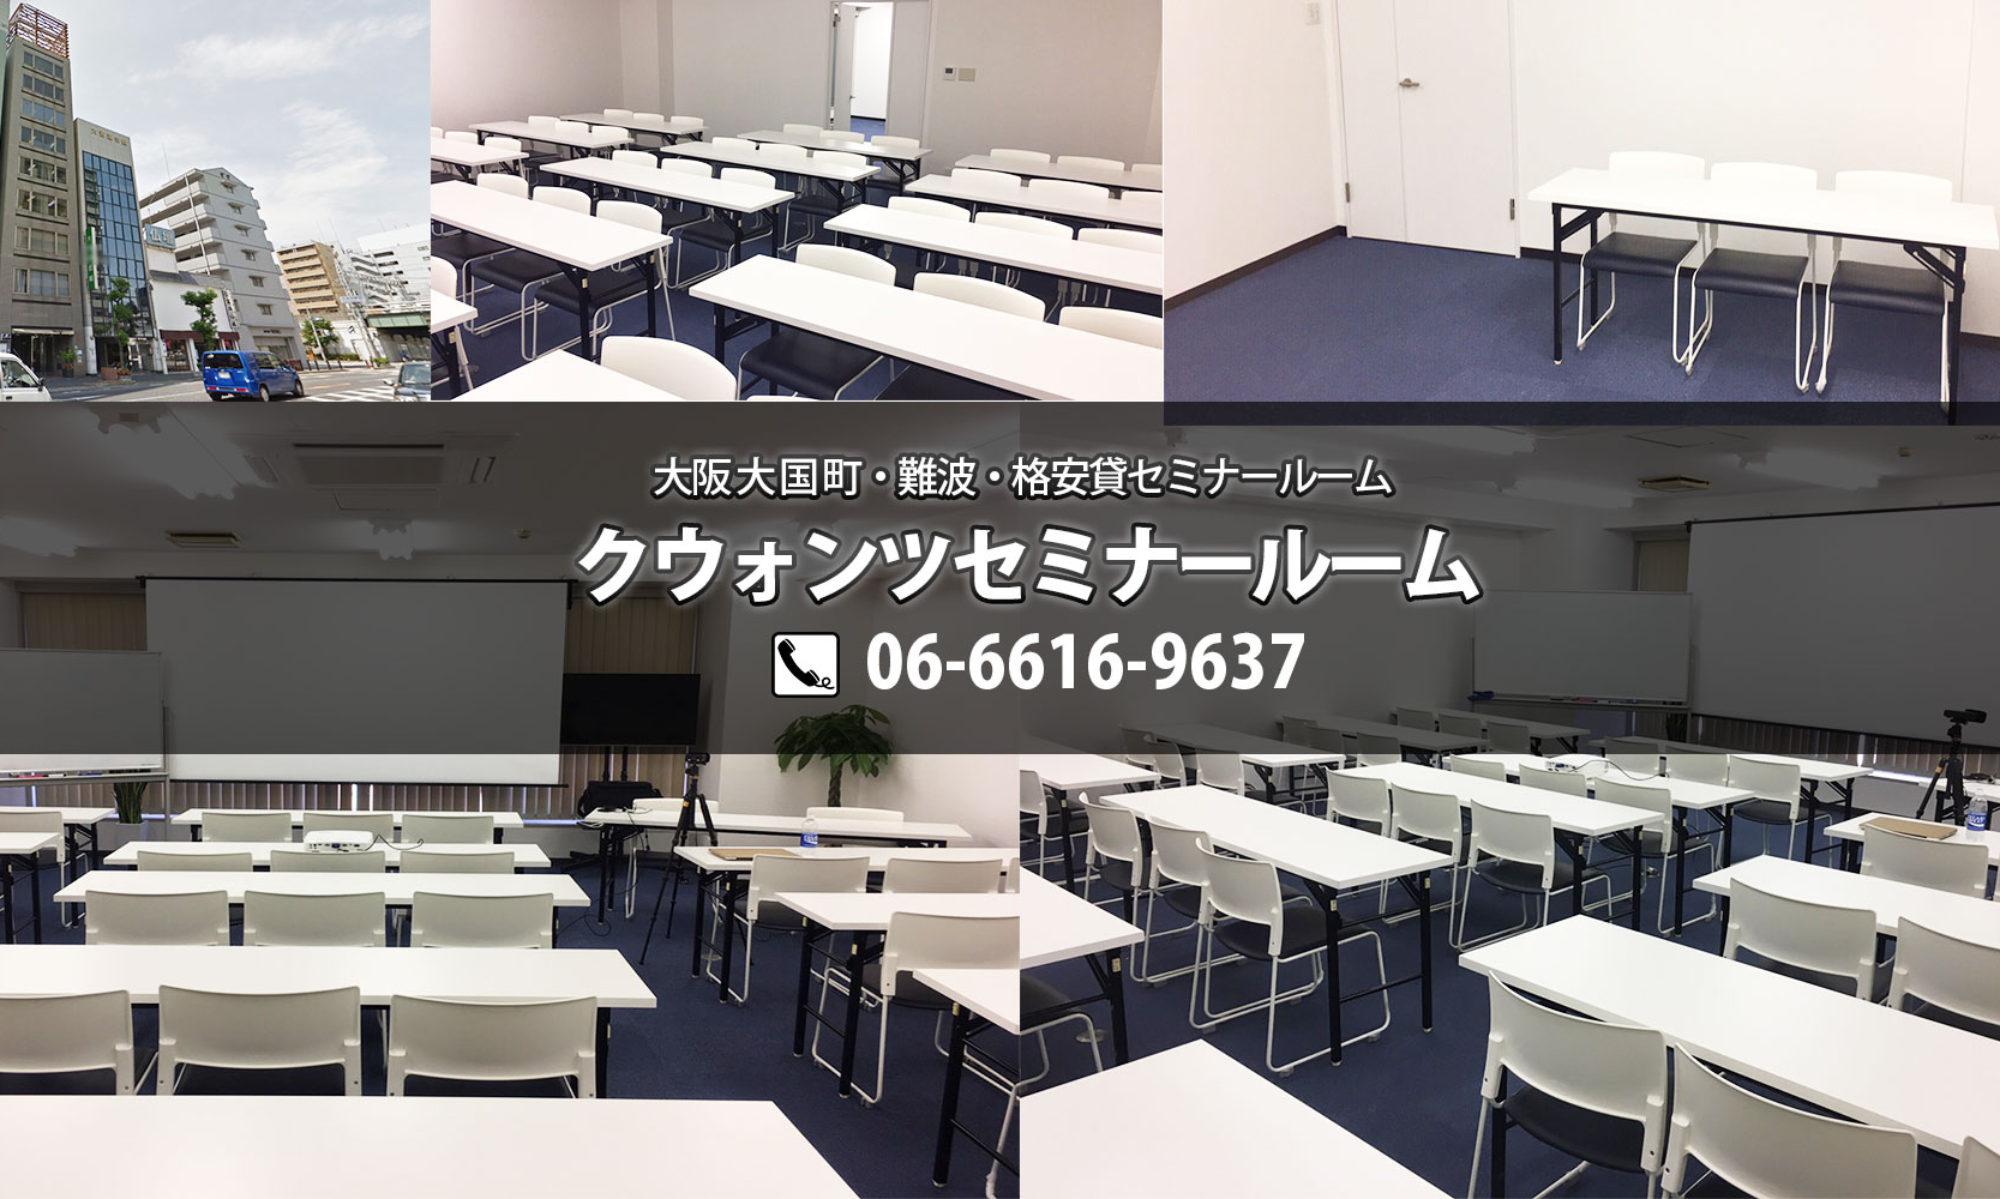 大阪破格の貸し会議室 クウォンツセミナールーム